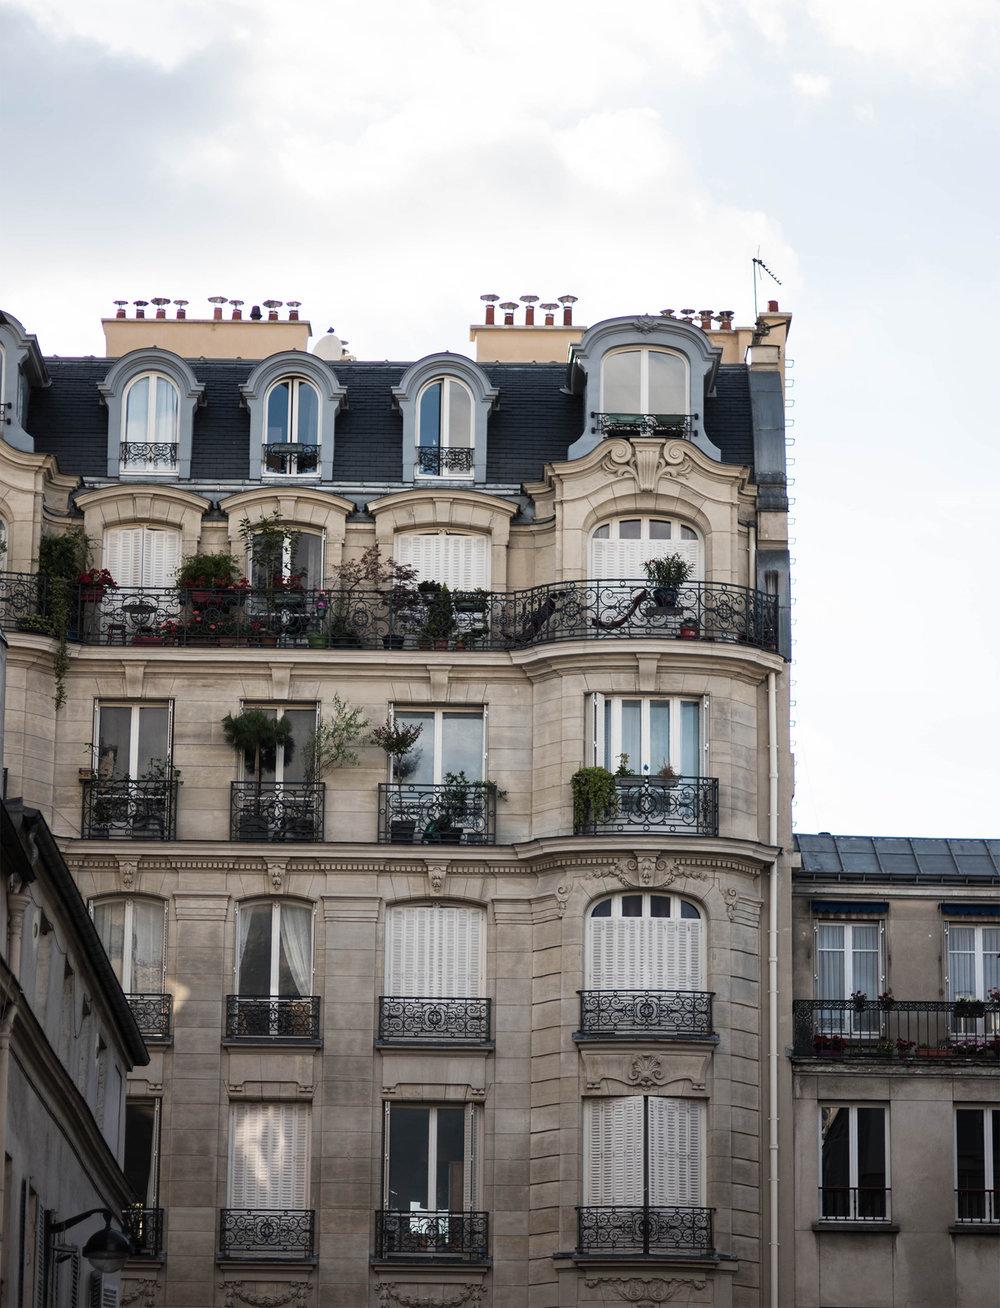 Badlands_ParisMonochrome1.jpg